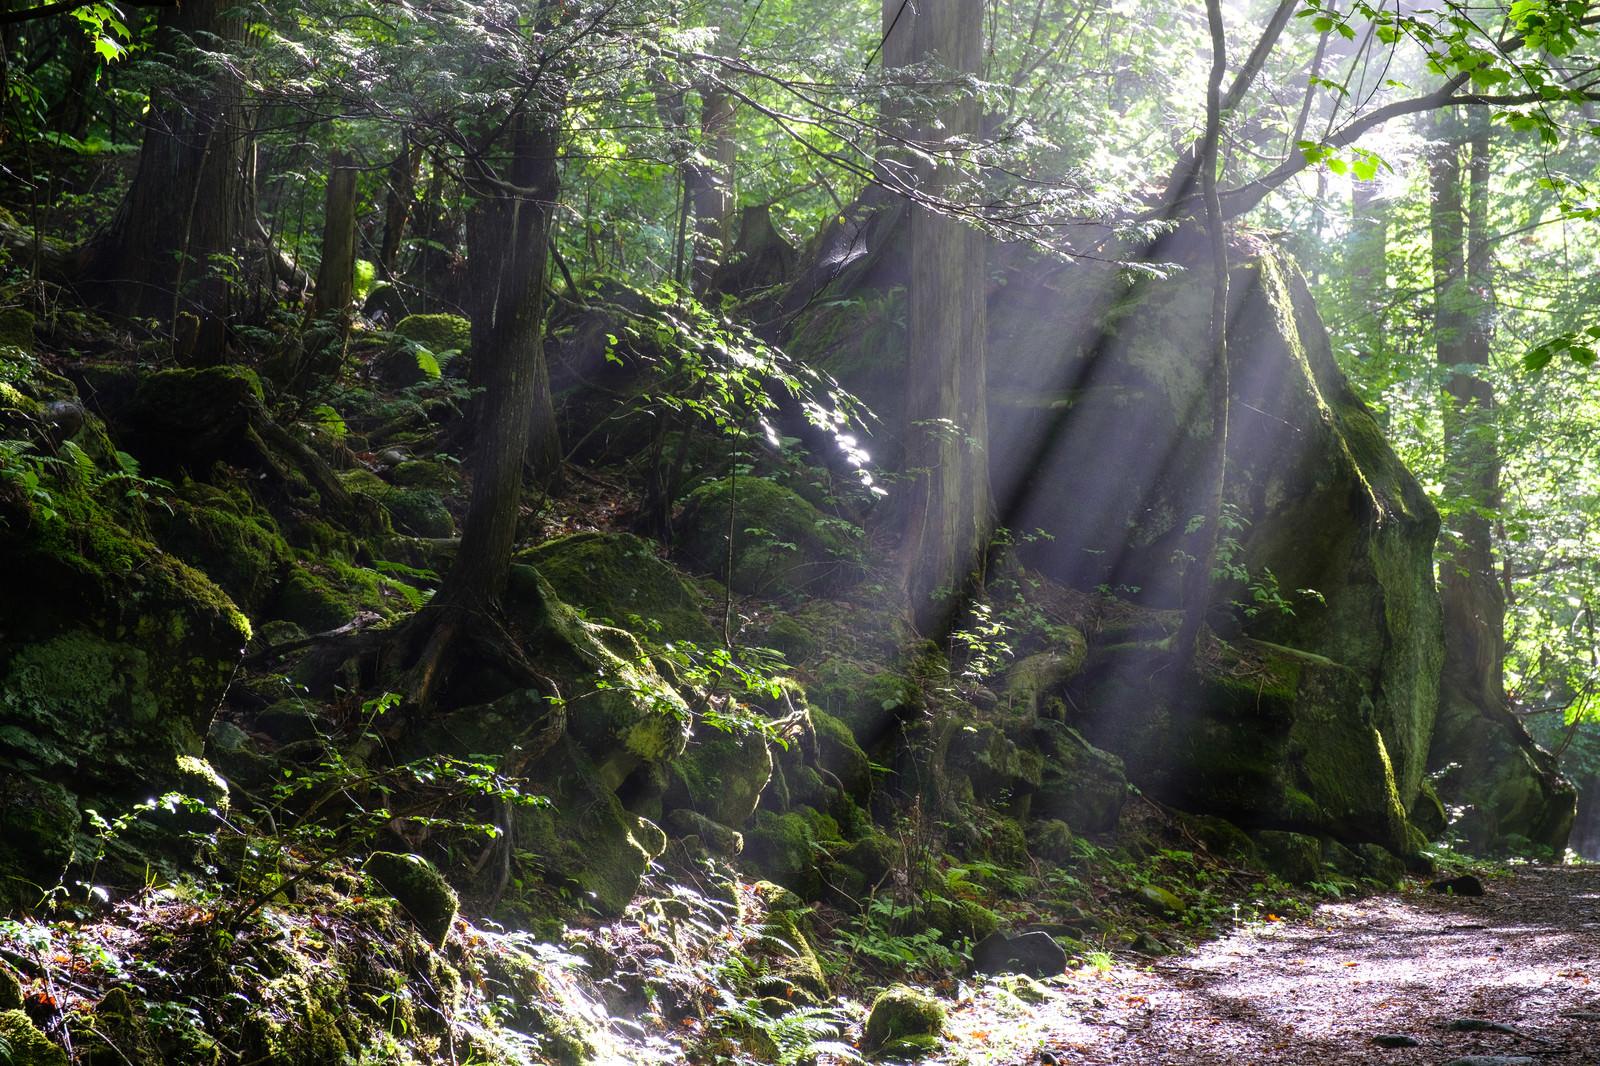 「横谷峡遊歩道に差し込む光」の写真